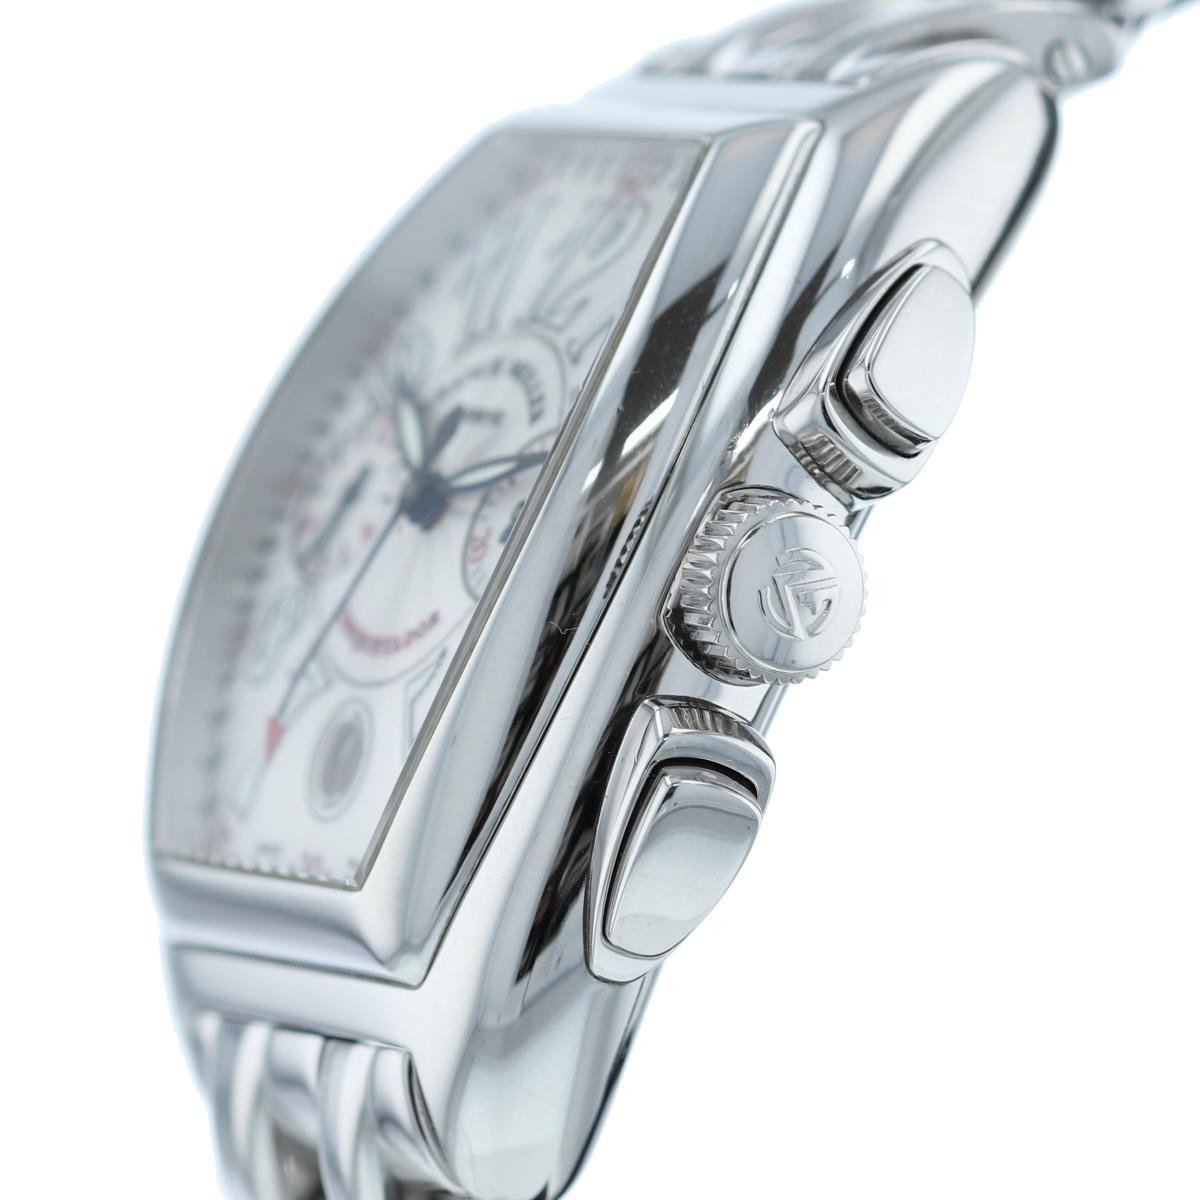 【中古】FRANCK MULLER (フランクミュラー) コンキスタドール クロノグラフ 時計 自動巻き/メンズ  Silver/シルバー 8001CC used:A